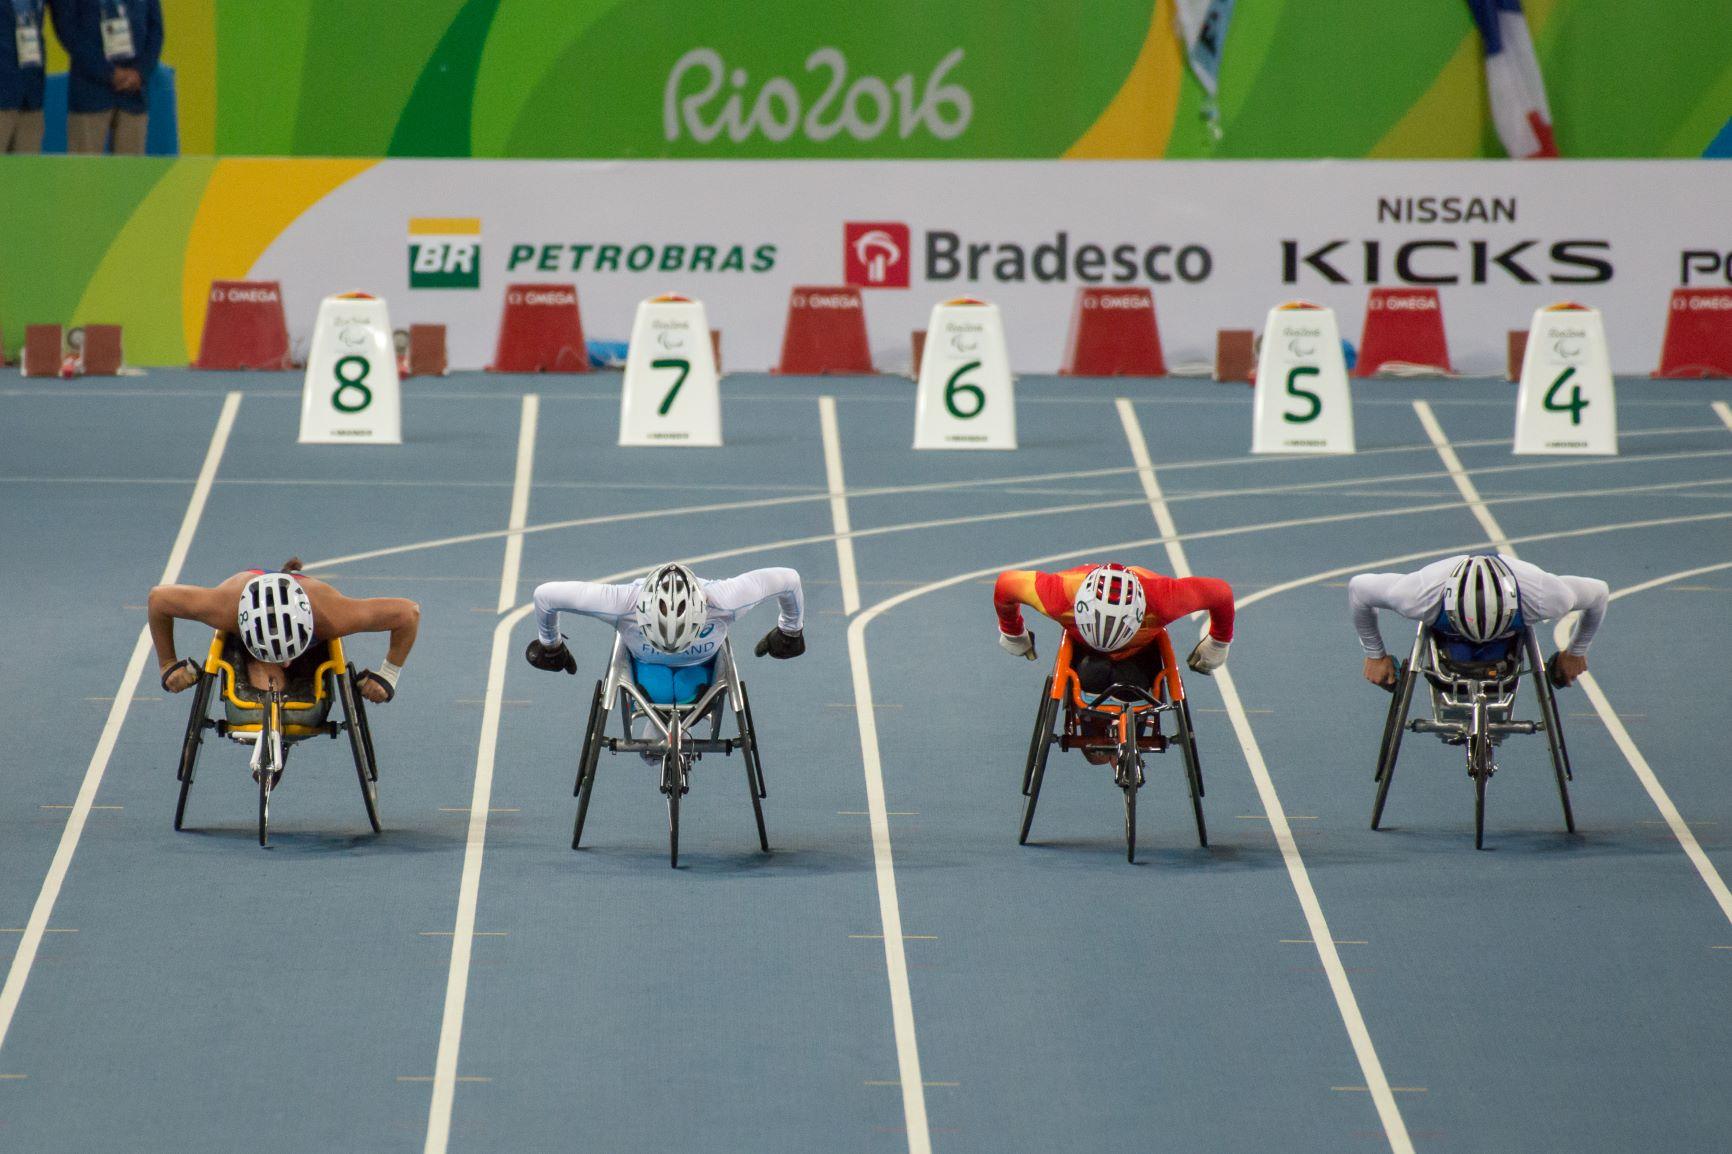 Neljä ratakelaajaa kilpailee juoksuradalla